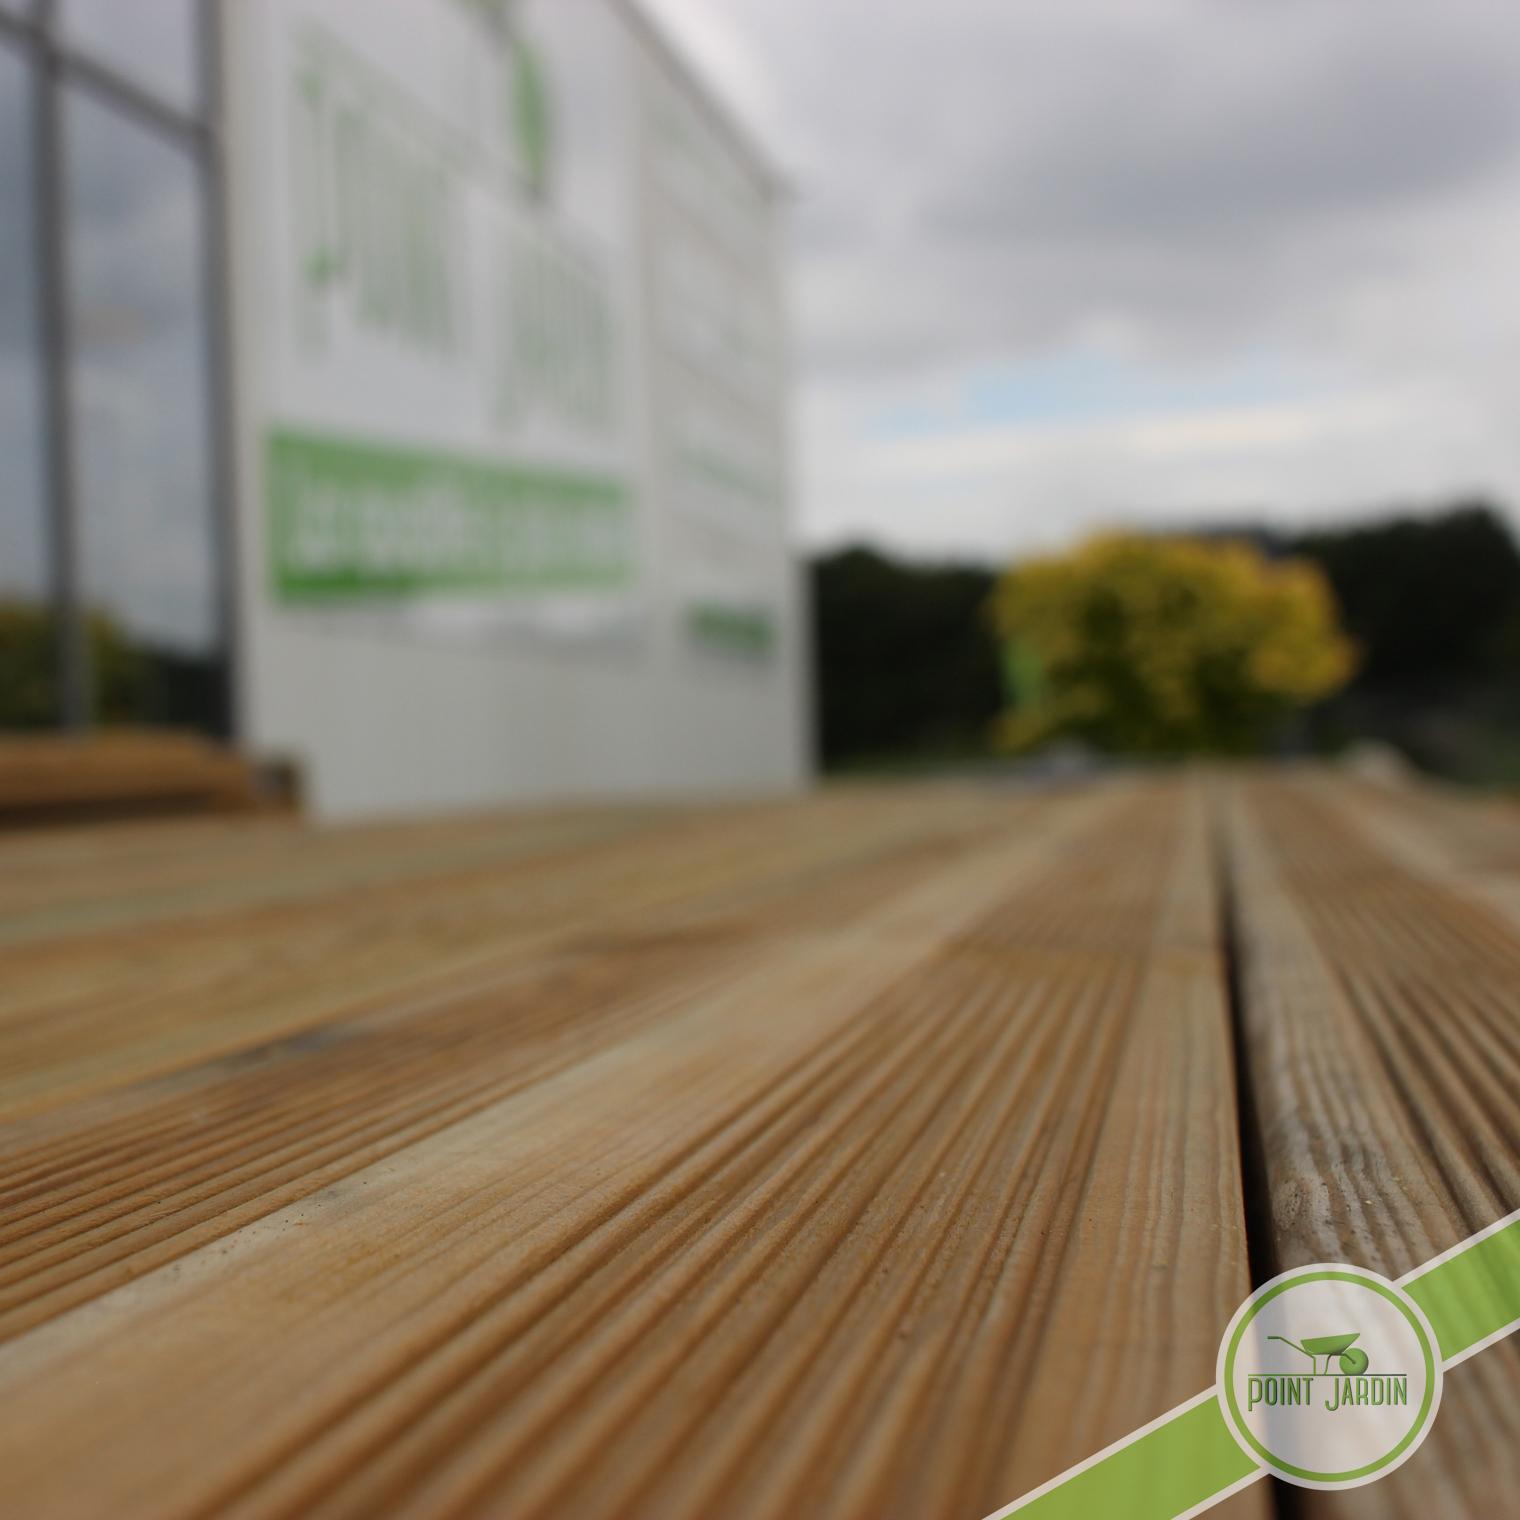 lame terrasse pin cl 4 decoration jardin point jardin. Black Bedroom Furniture Sets. Home Design Ideas